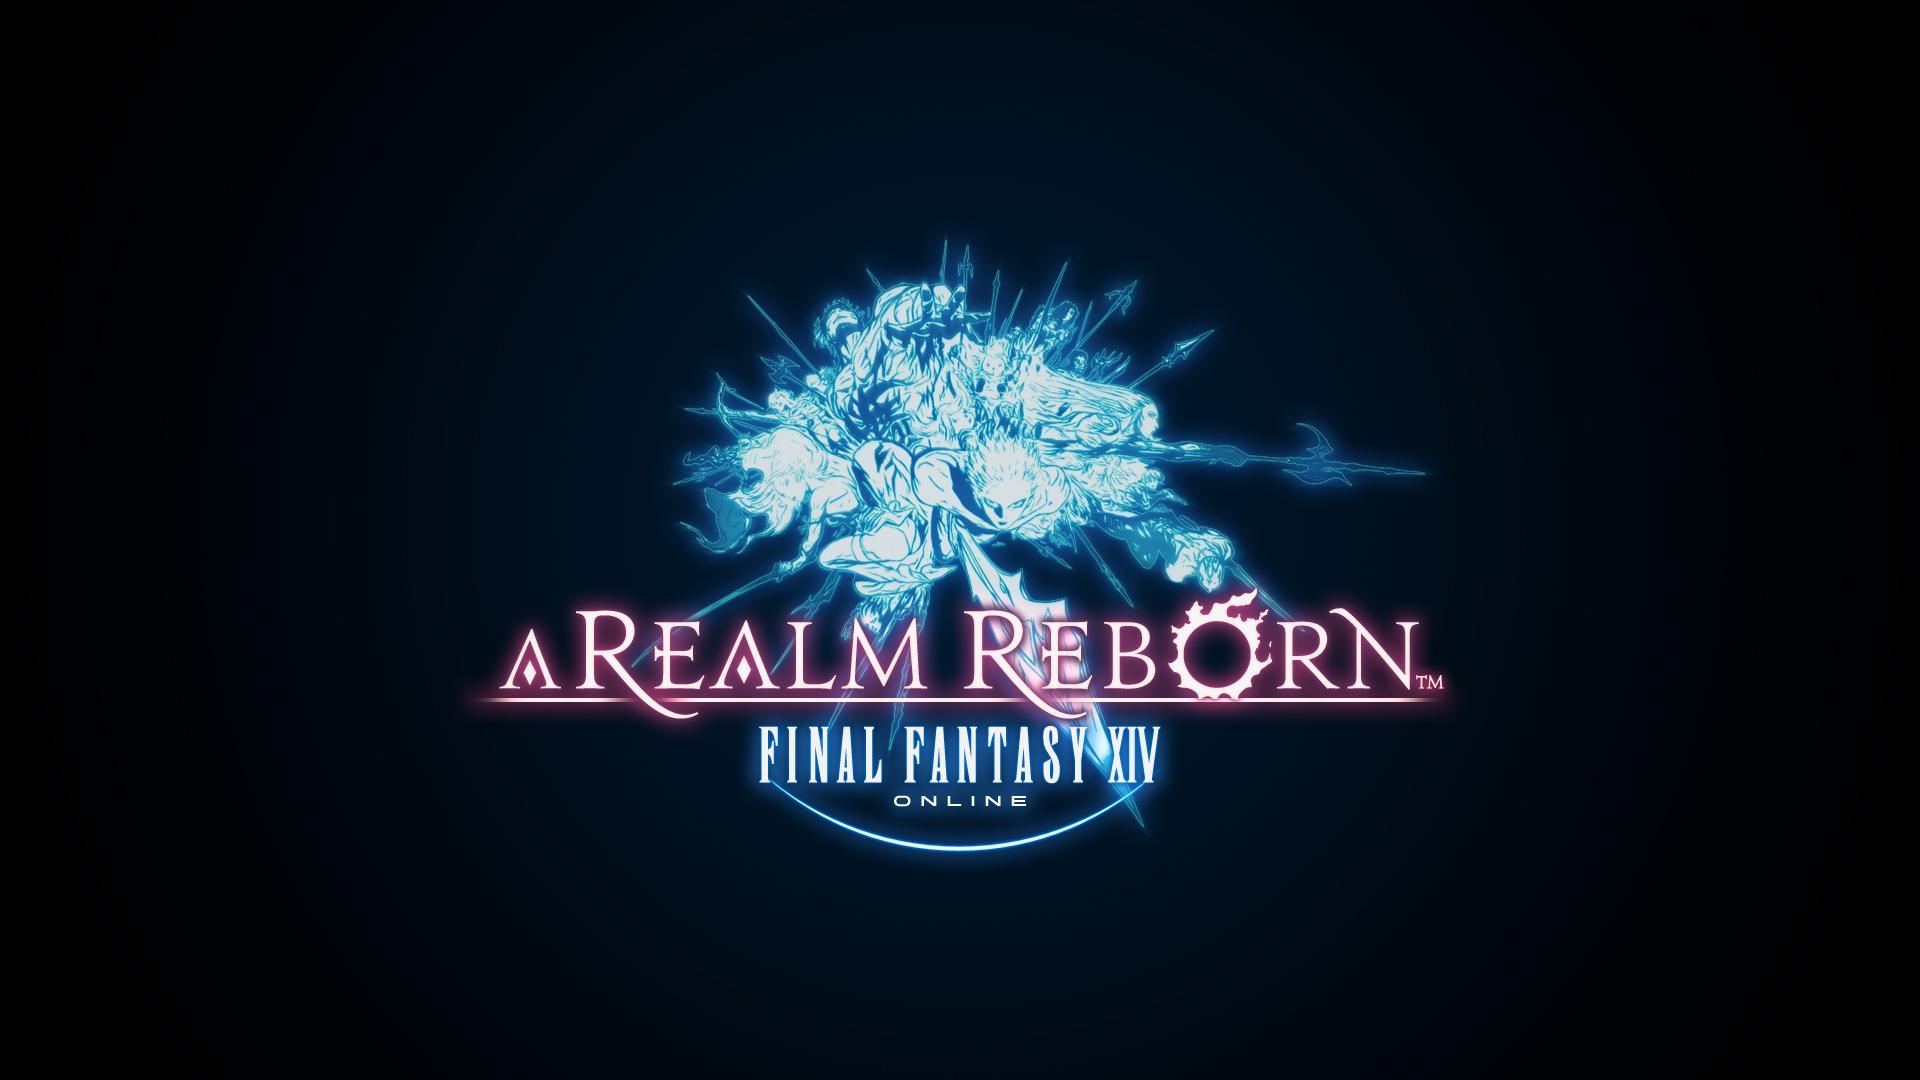 4210A_Realm_Reborn_Black